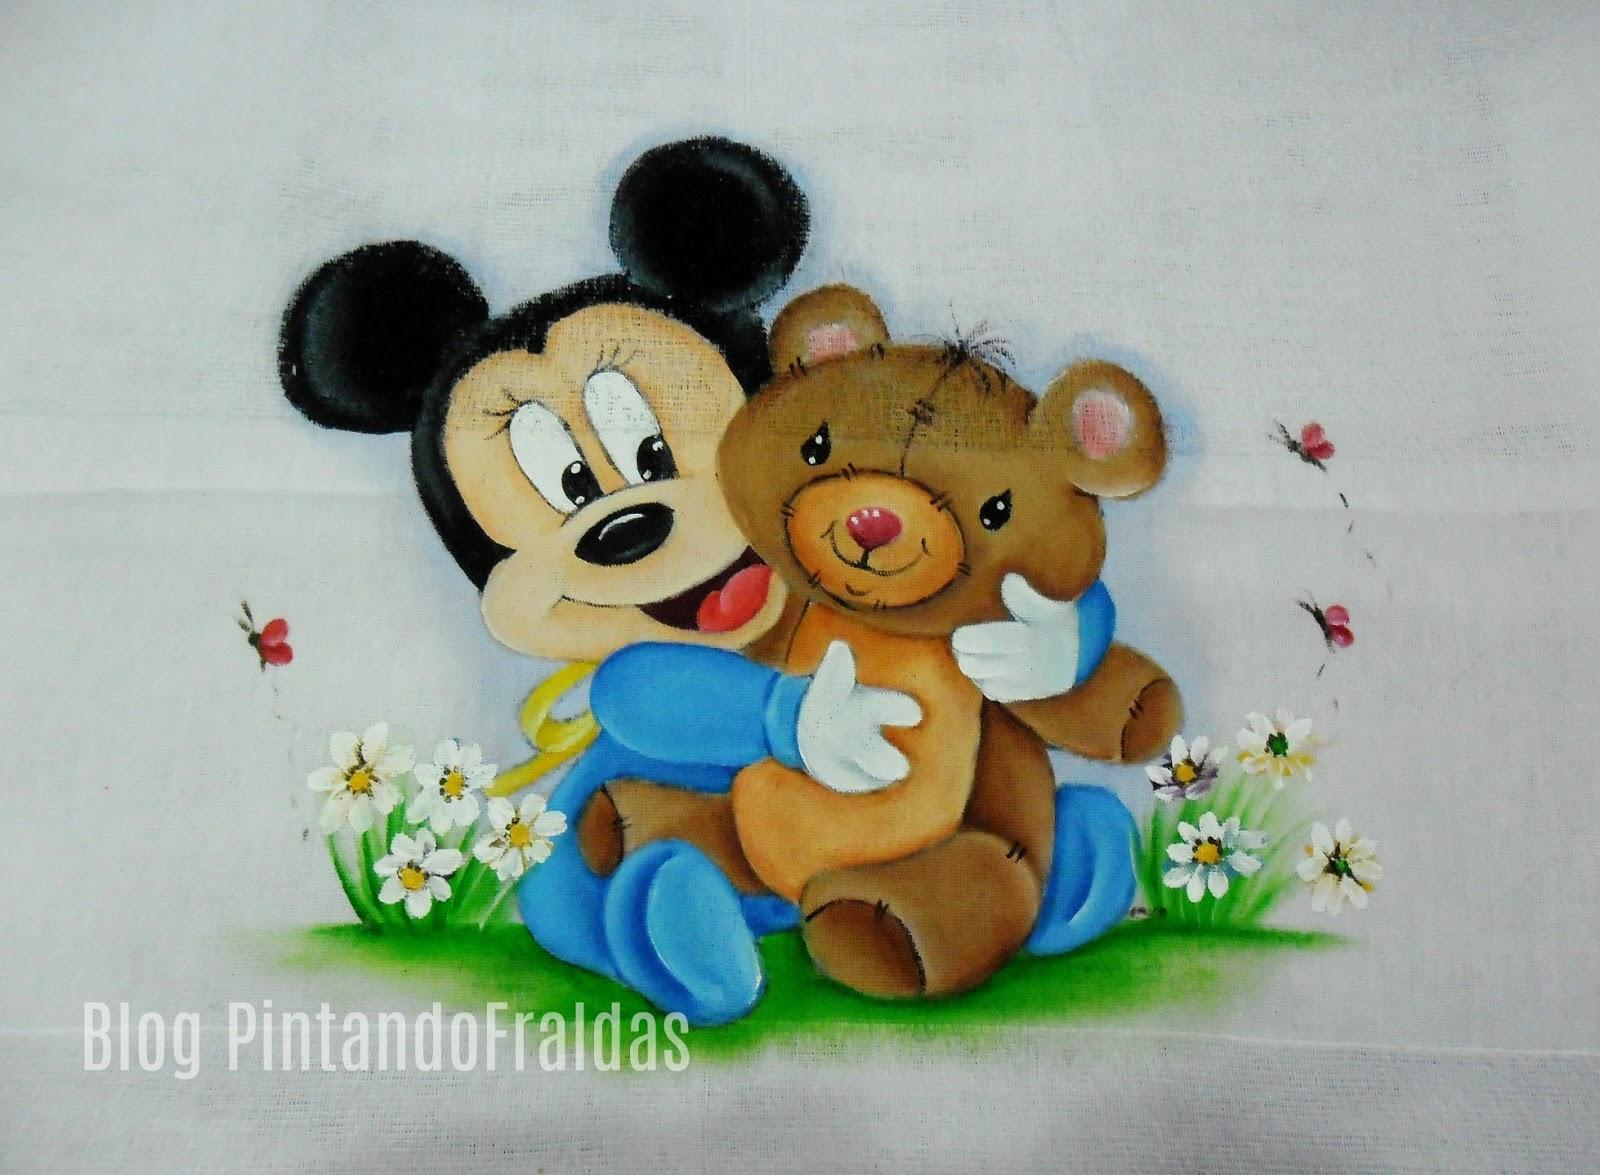 Desenhos Da Minnie Para Pintar Em Tecido: Pintando Fraldas: Hey Mickey